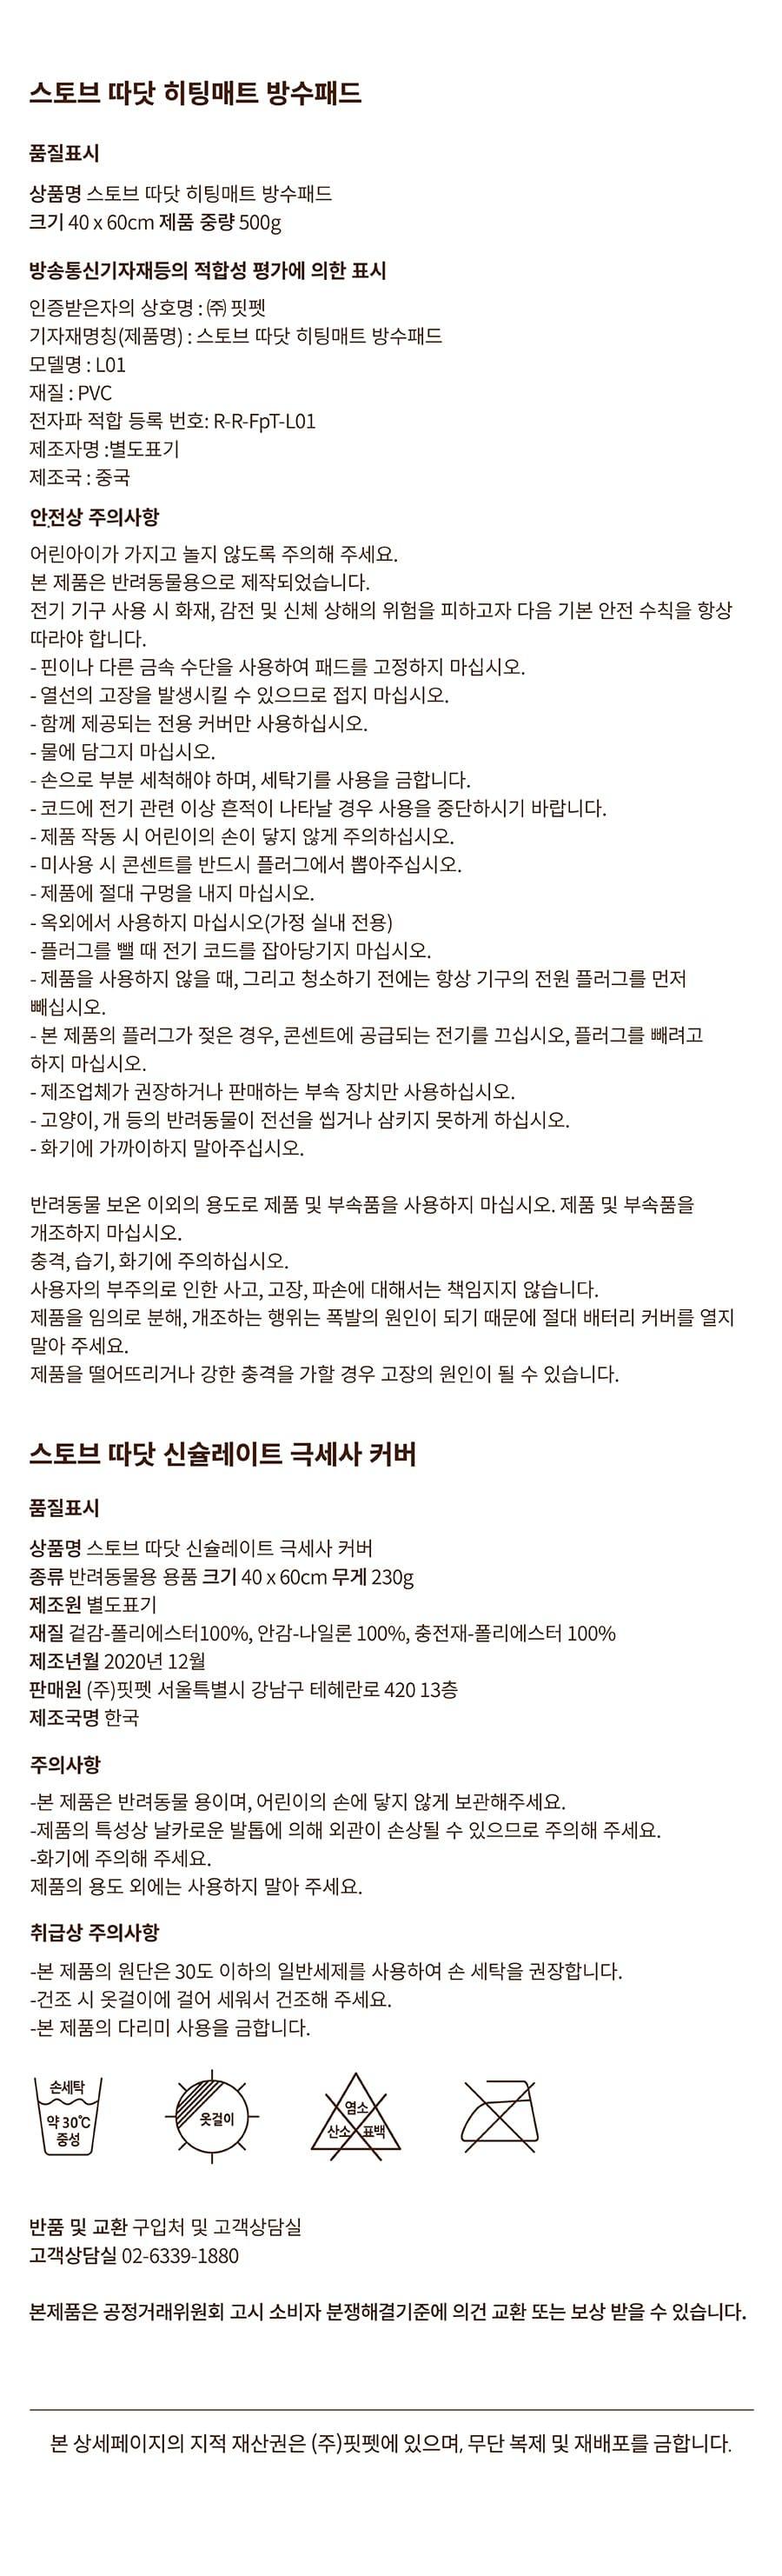 스토브 따닷 히팅매트 (웜베이지/쿨그레이)-상품이미지-24